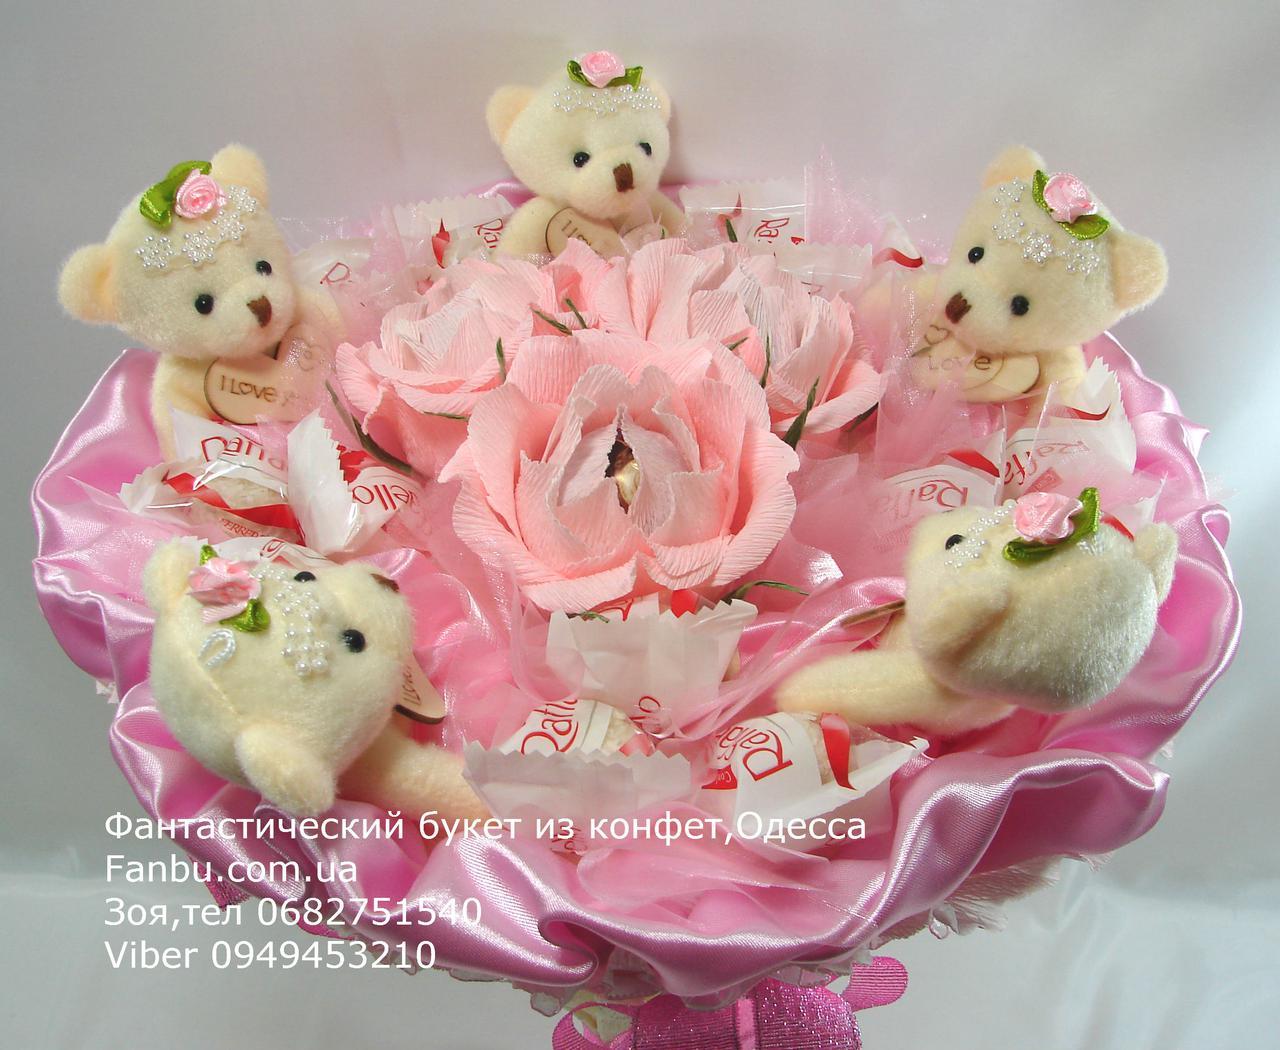 Букет для новобрачных из плюшевых мишек — 3